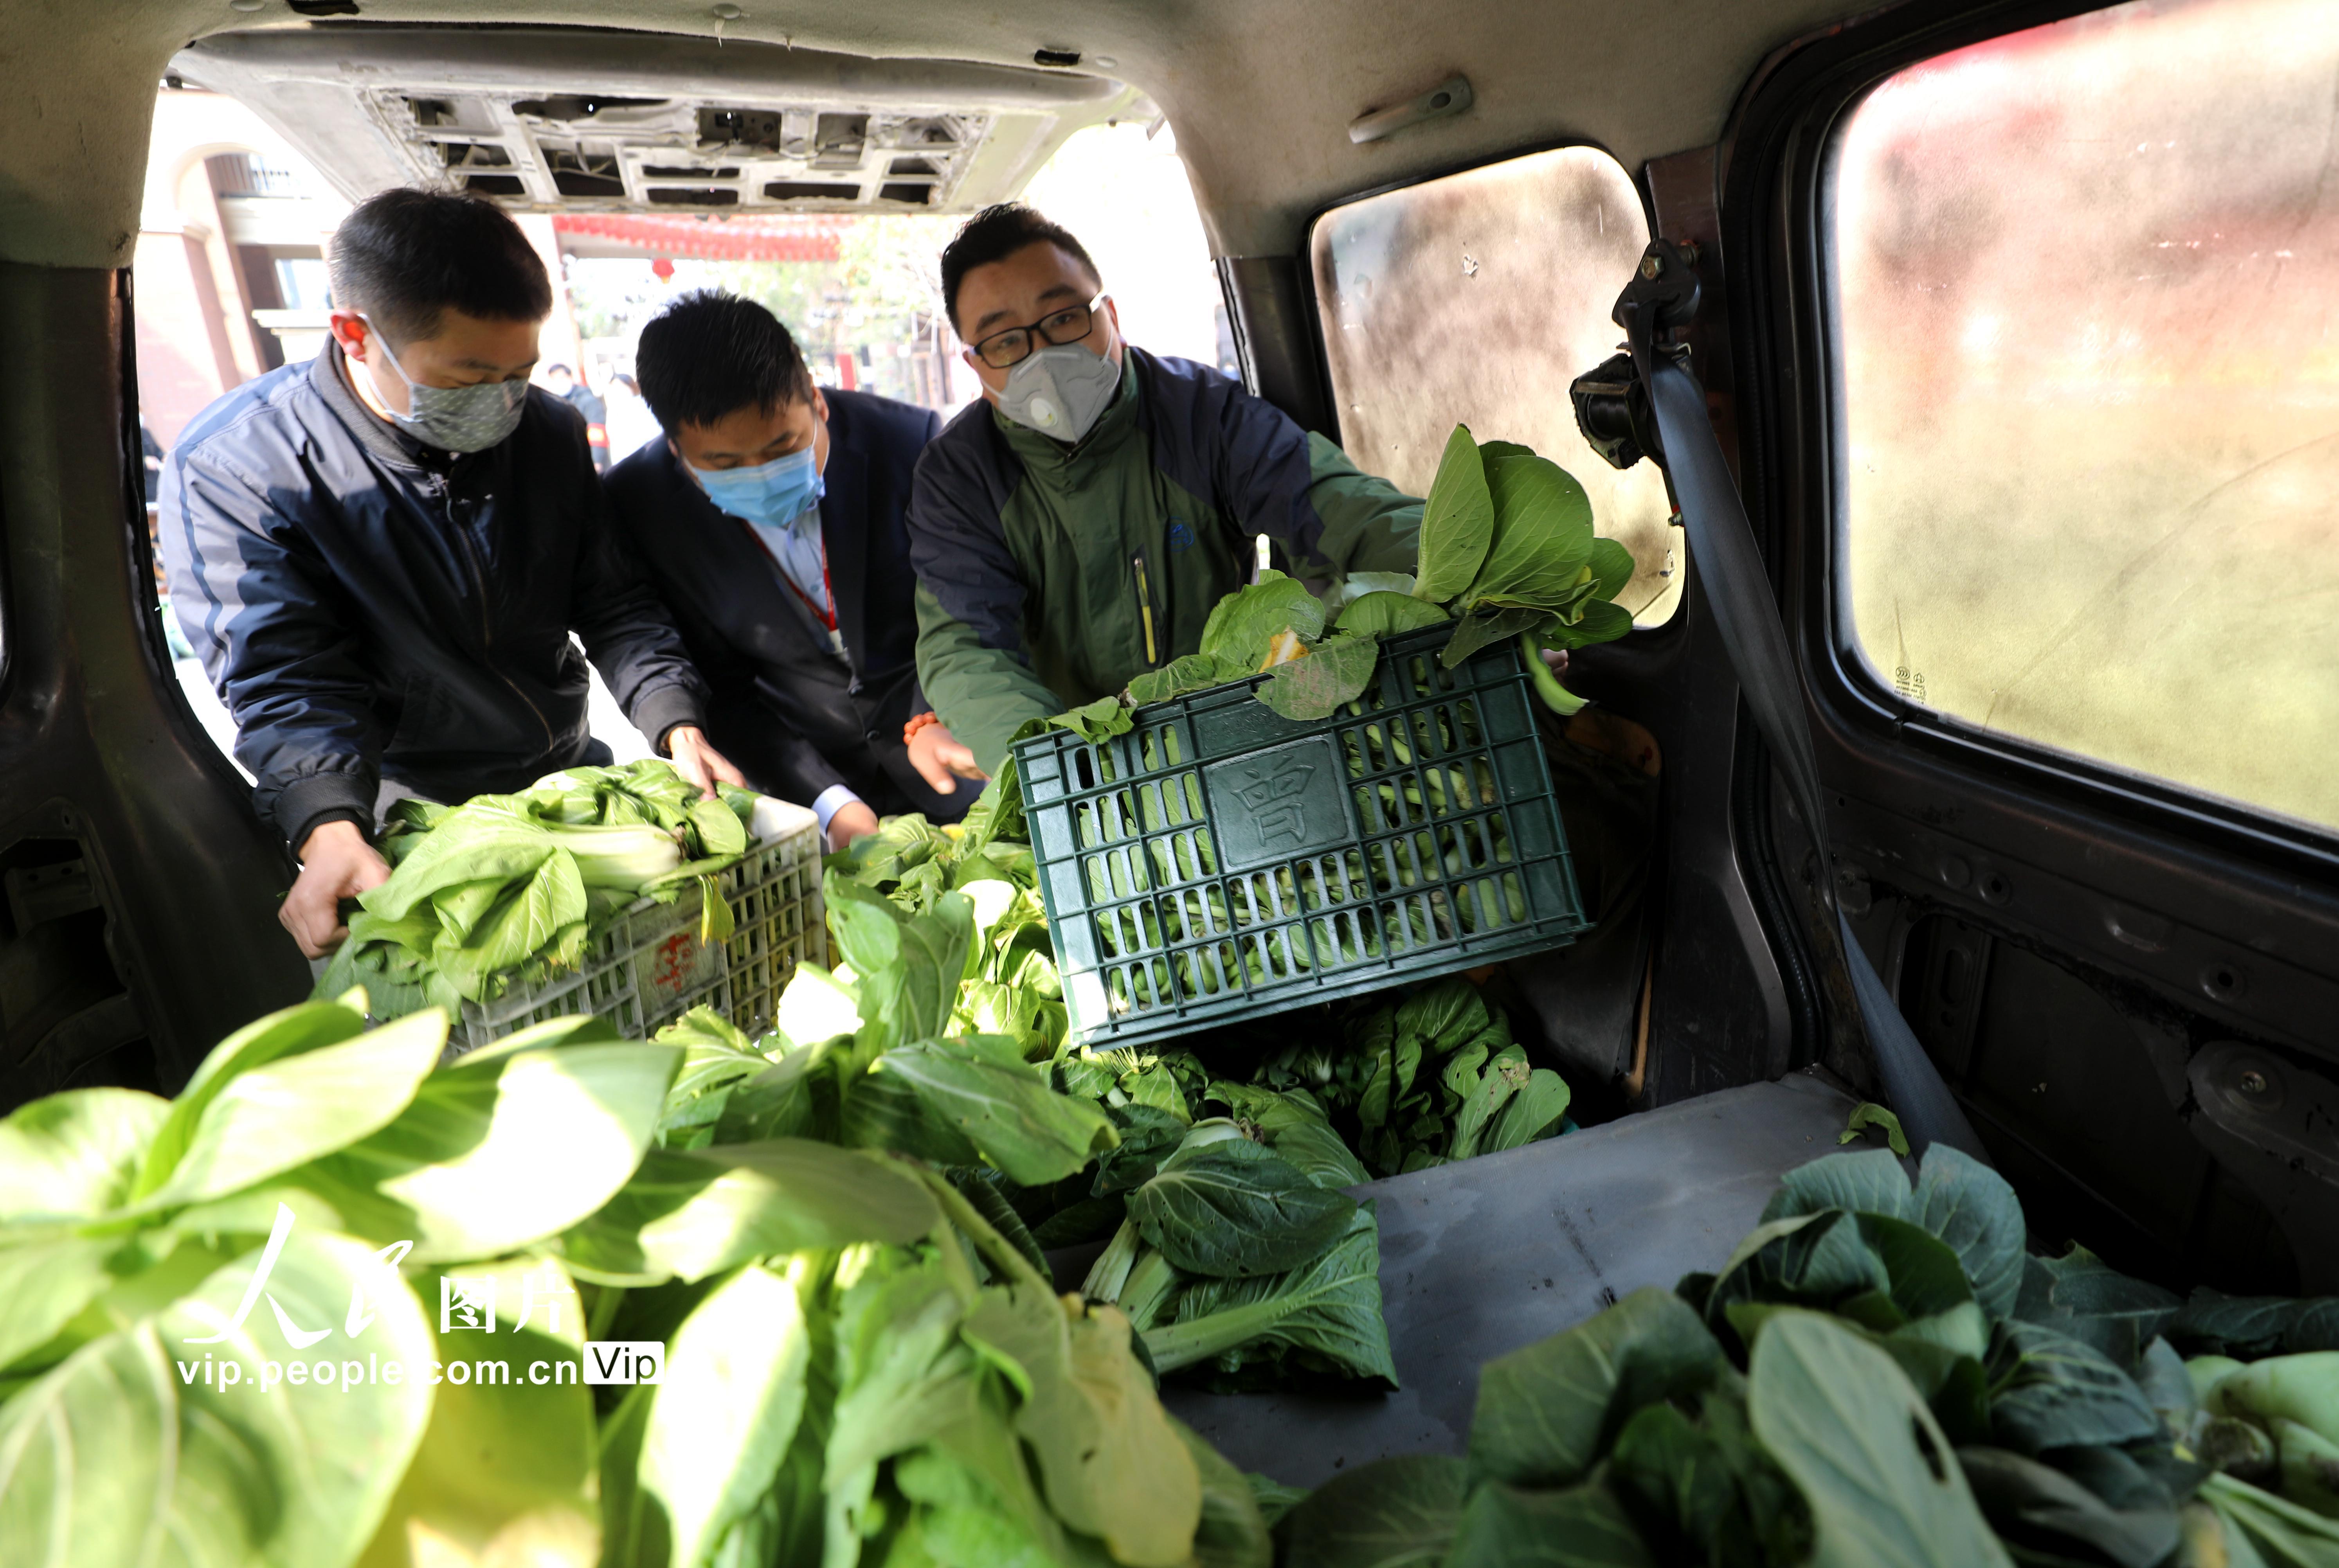 合肥:爱心蔬菜送居民 预约领取防聚集